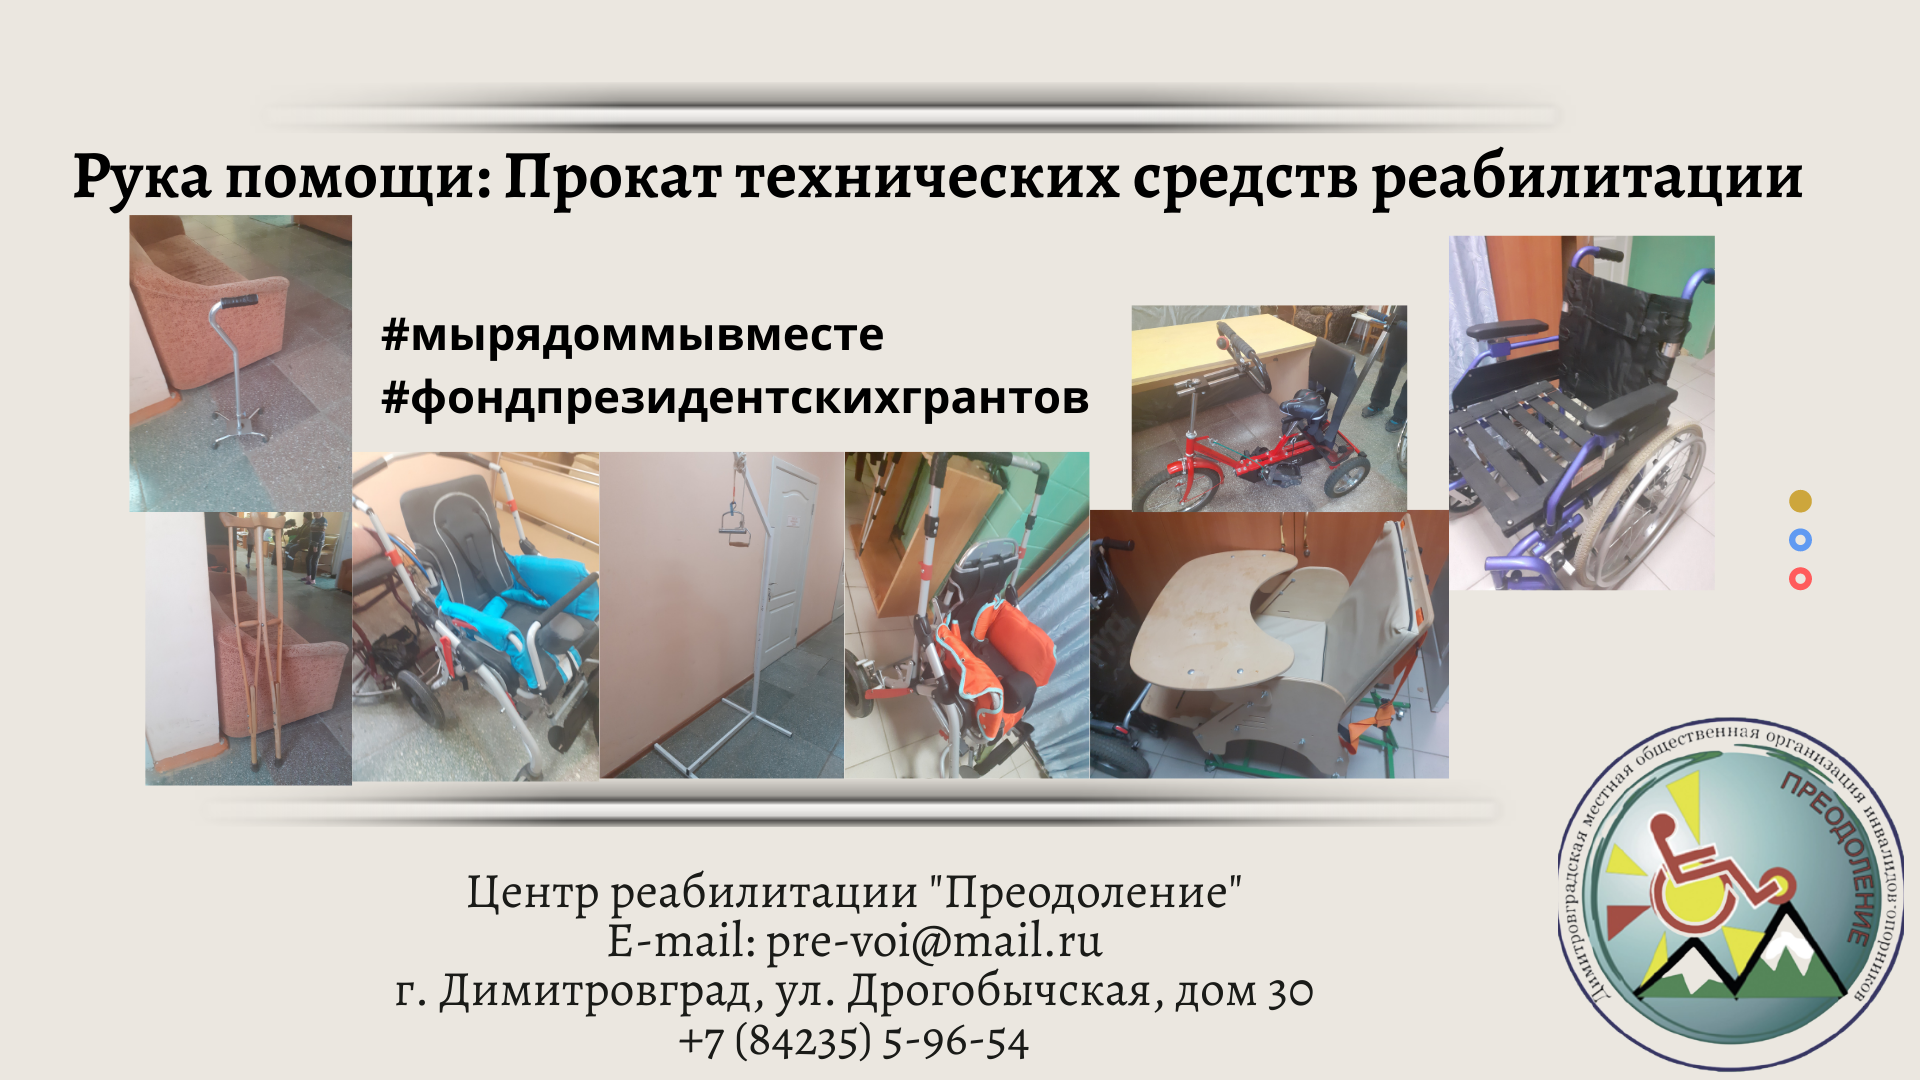 Рука помощи: Прокат технических средств реабилитации